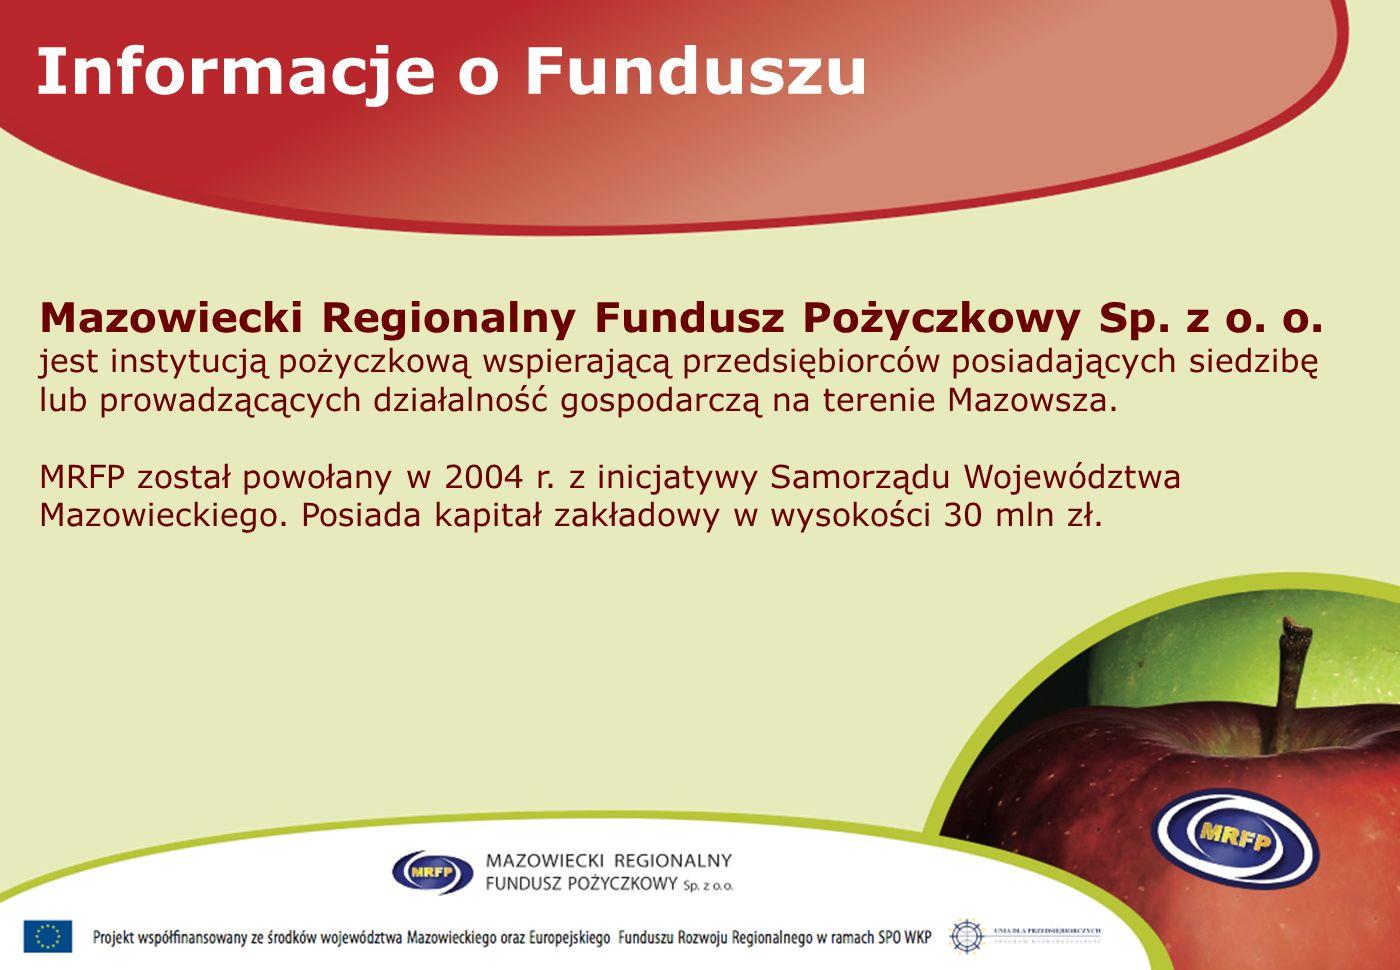 Informacje o Funduszu Mazowiecki Regionalny Fundusz Pożyczkowy Sp.